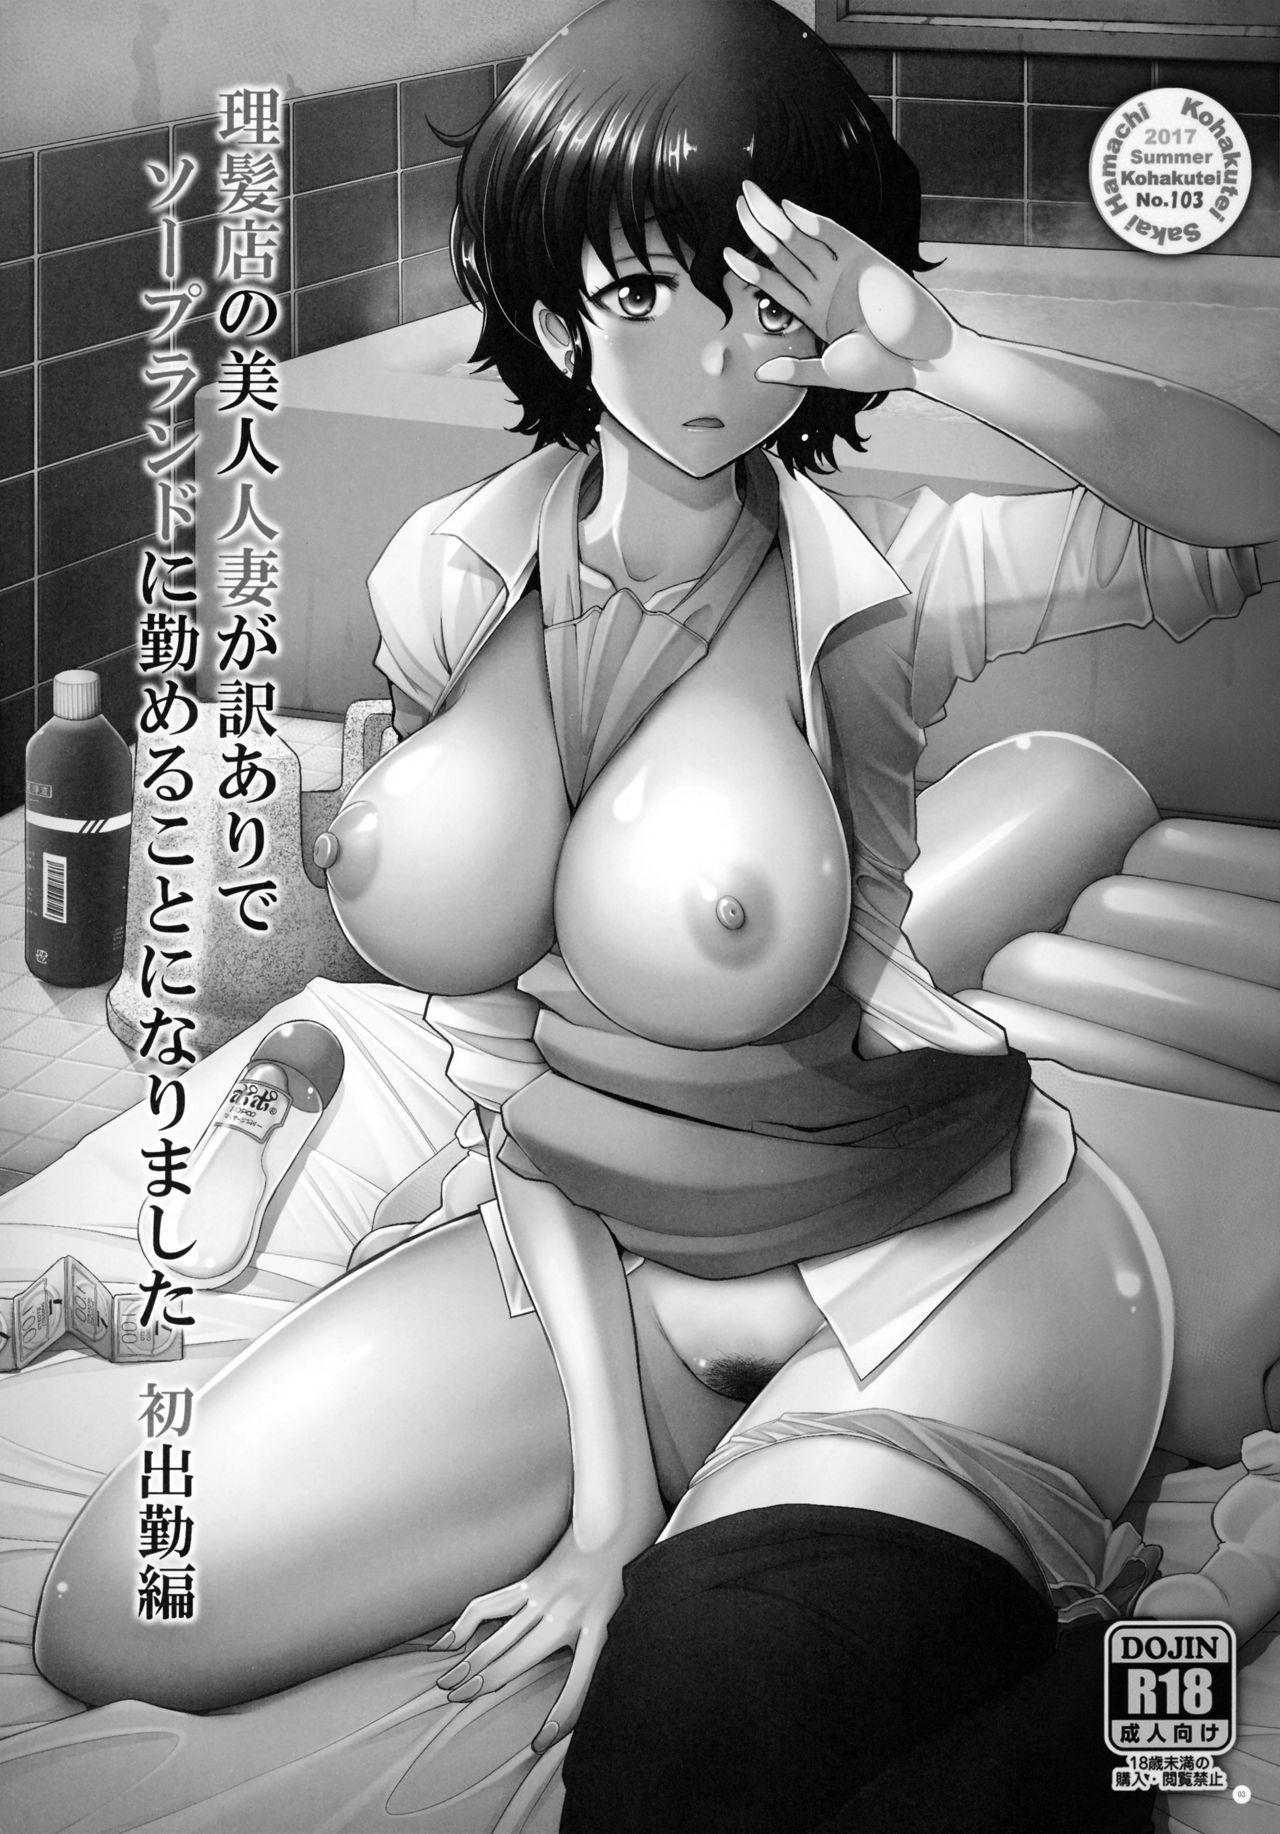 Rihatsuten no Bijin Hitozuma ga Wakeari de Soapland ni Tsutomeru Koto ni Narimashita Hatsushukkin Hen 1